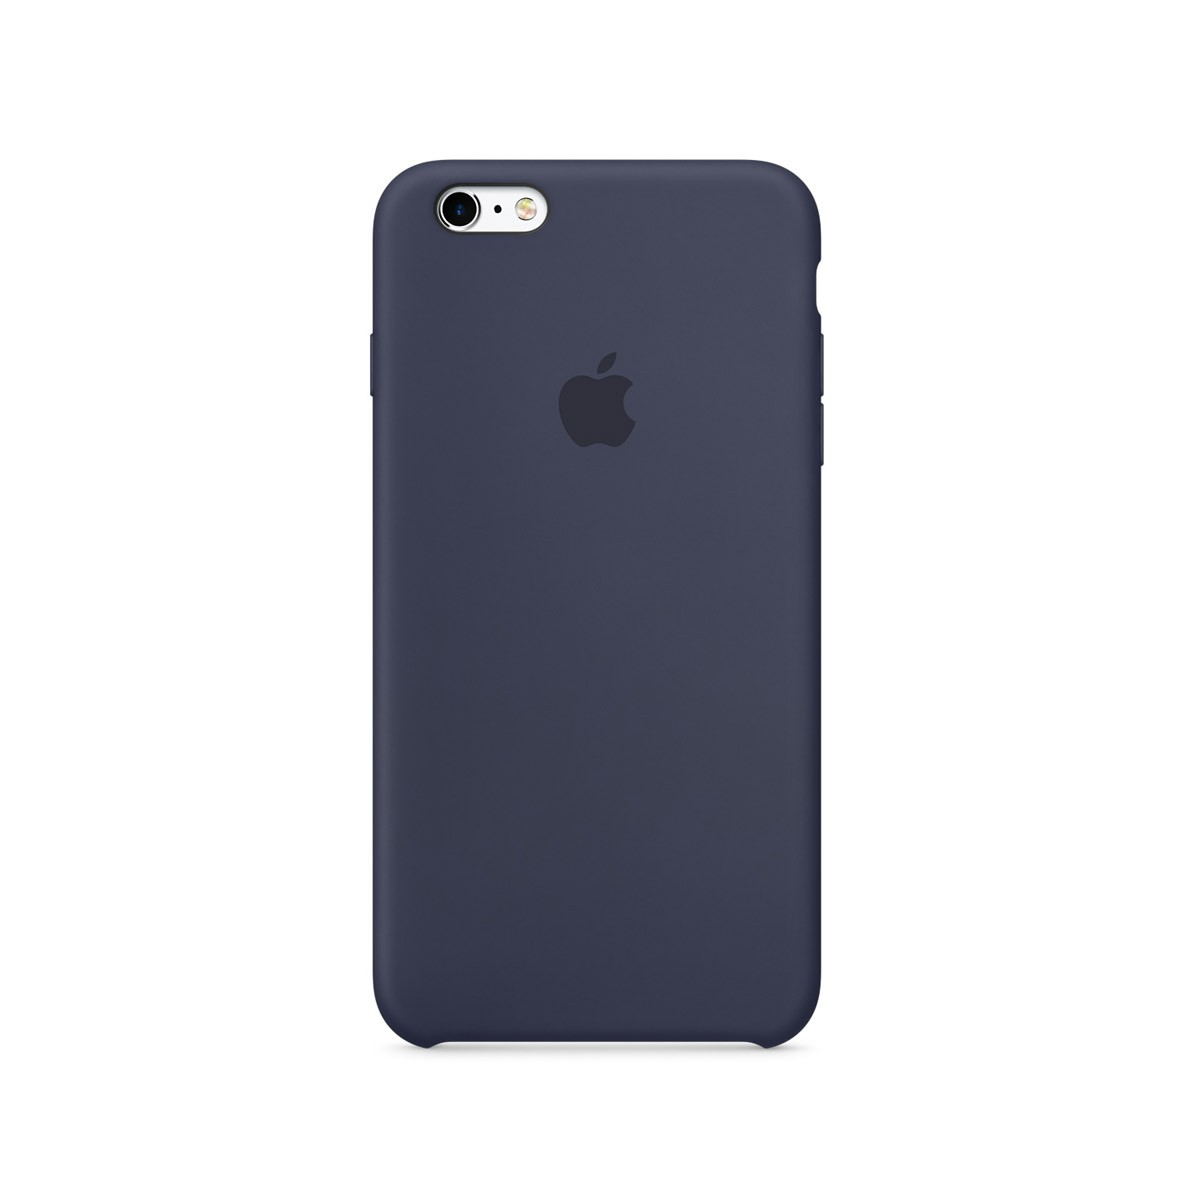 Apple silikonový kryt na iPhone 6s - půlnočně modrý